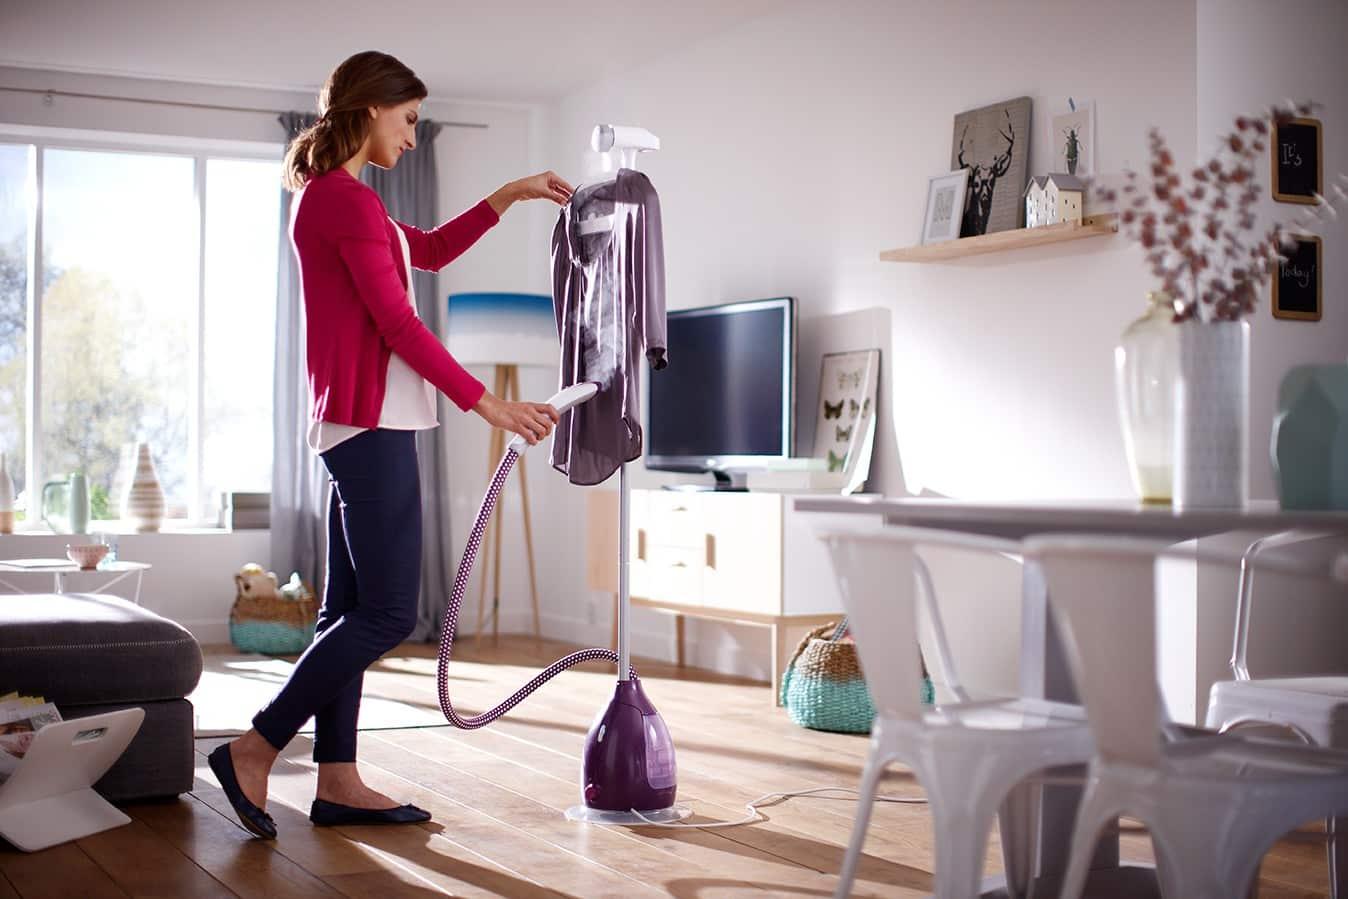 Какой функционал утюга следует выбрать для домашнего использования